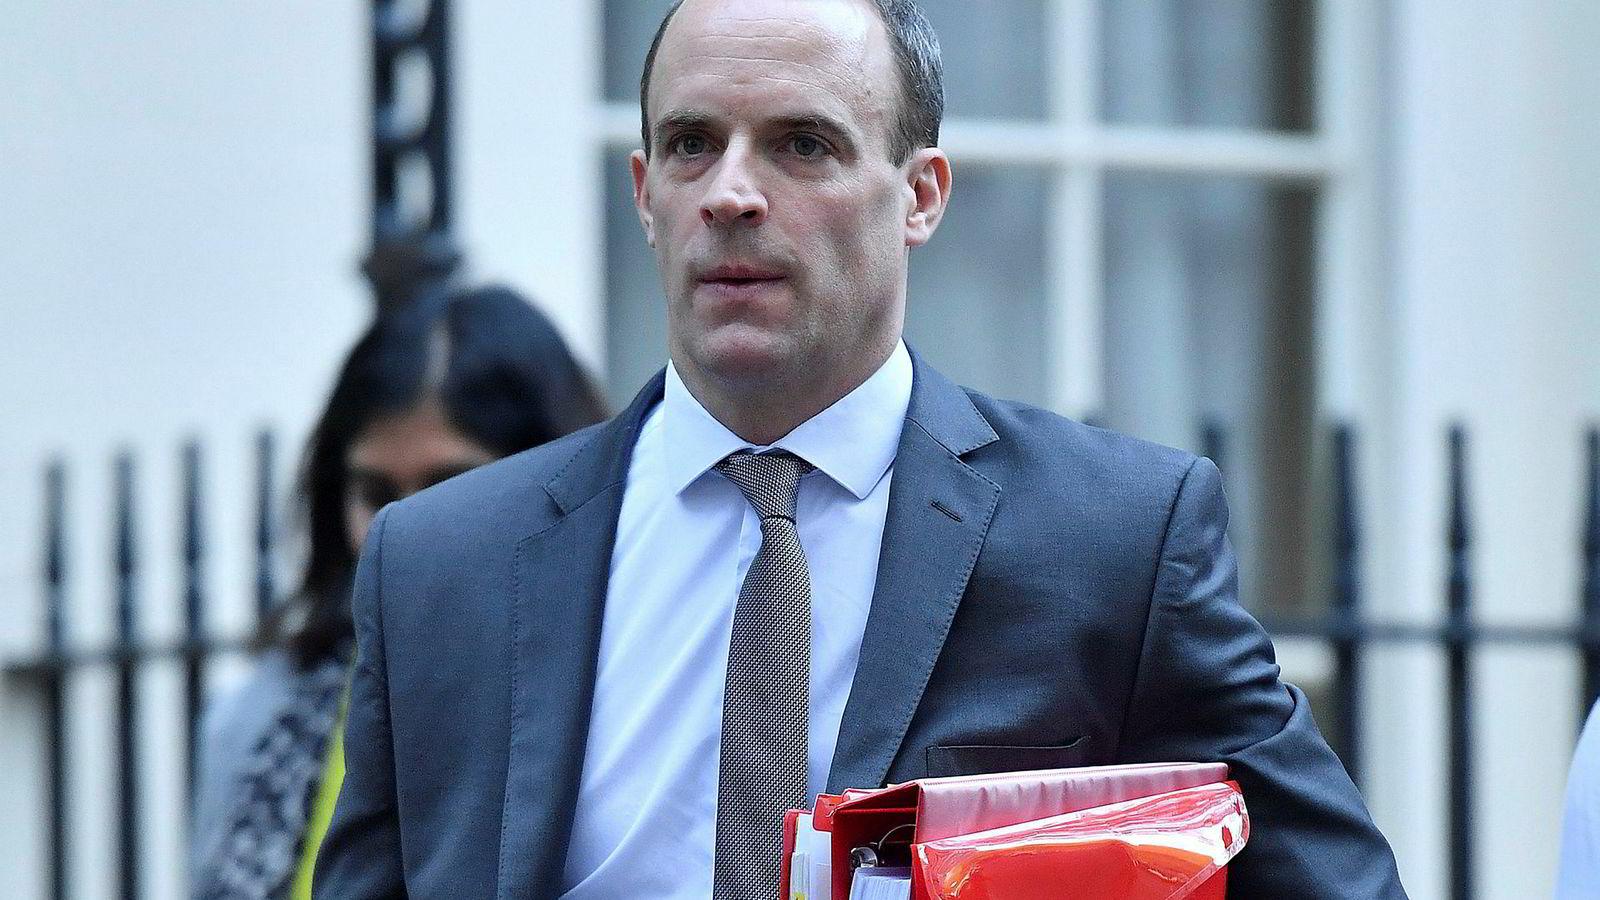 Dominic Raab nekter å stille seg bak forslaget til brexitavtale med EU og trekker seg derfor som brexitminister i den britiske regjeringen.